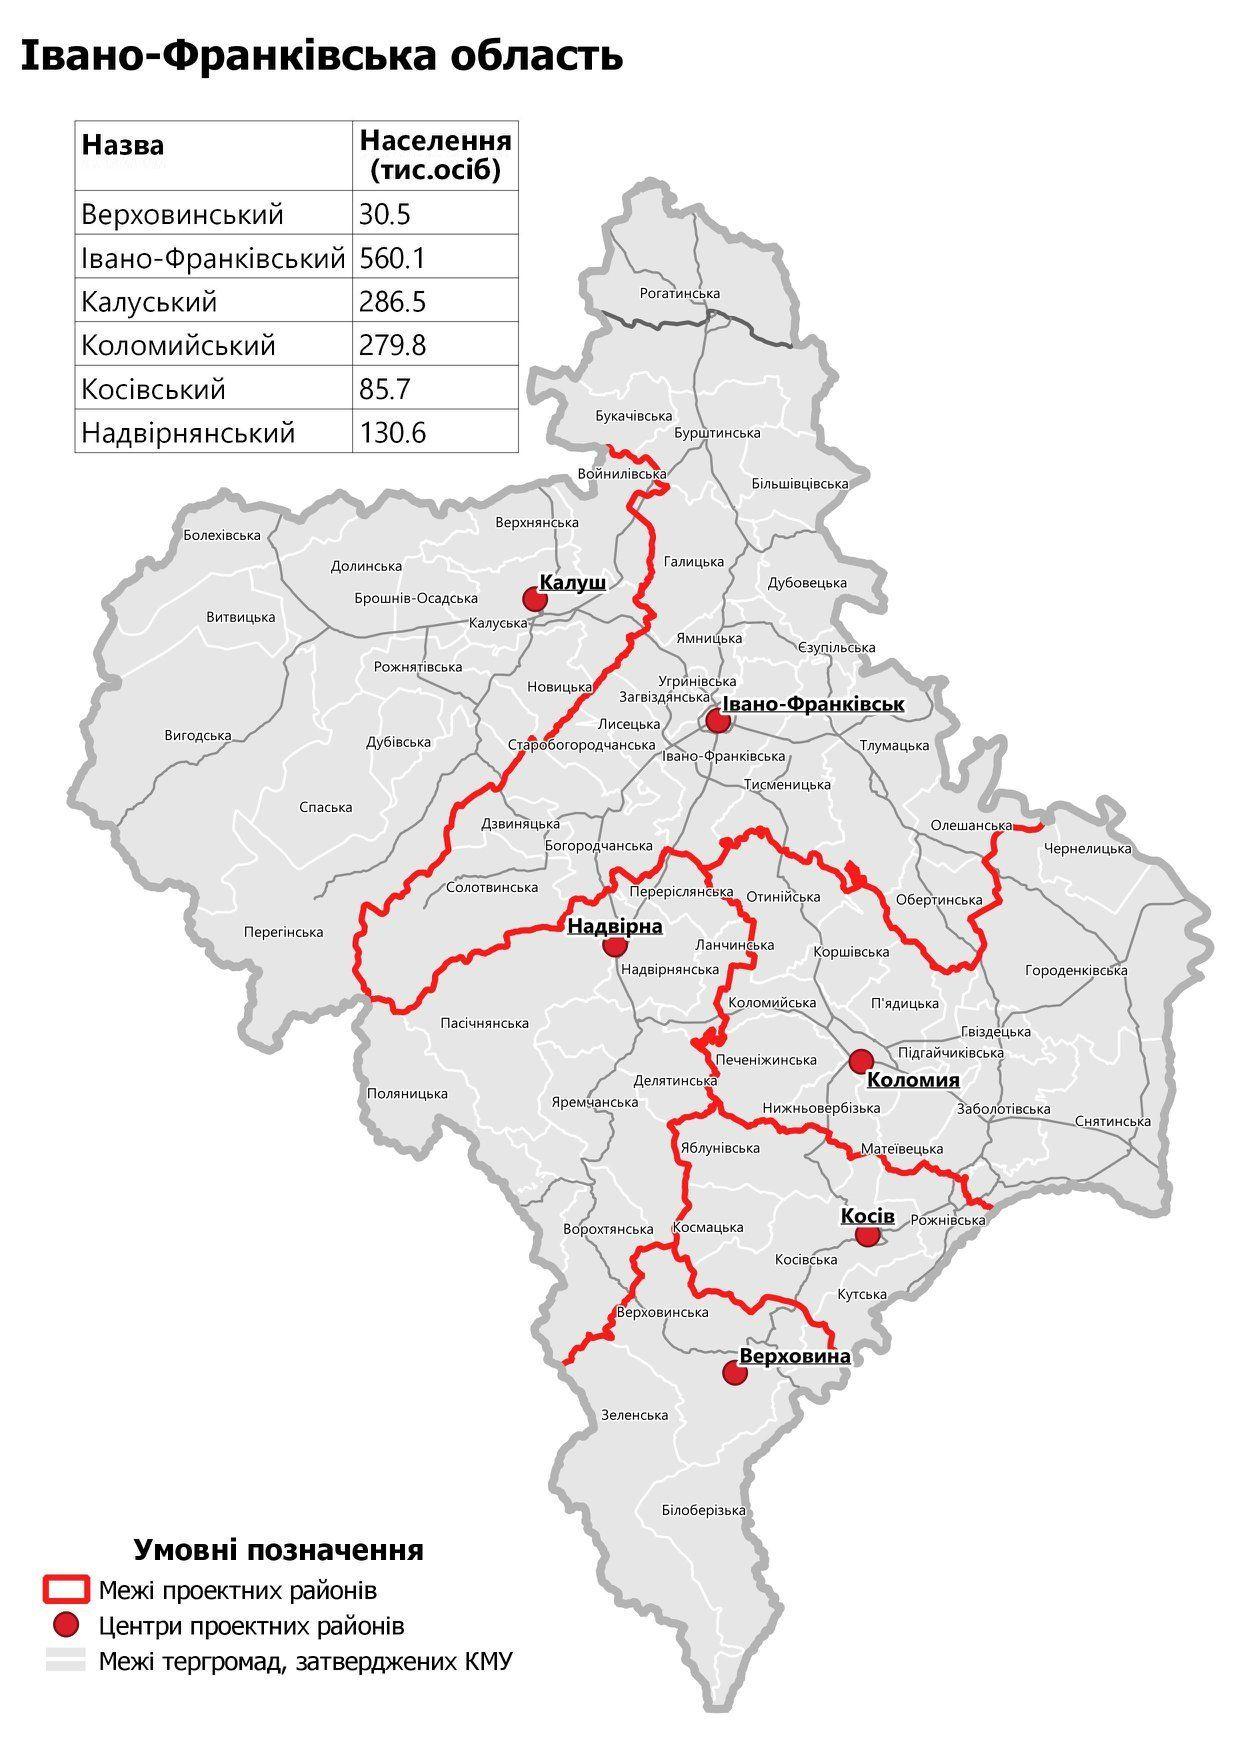 Мапа нових районів_8